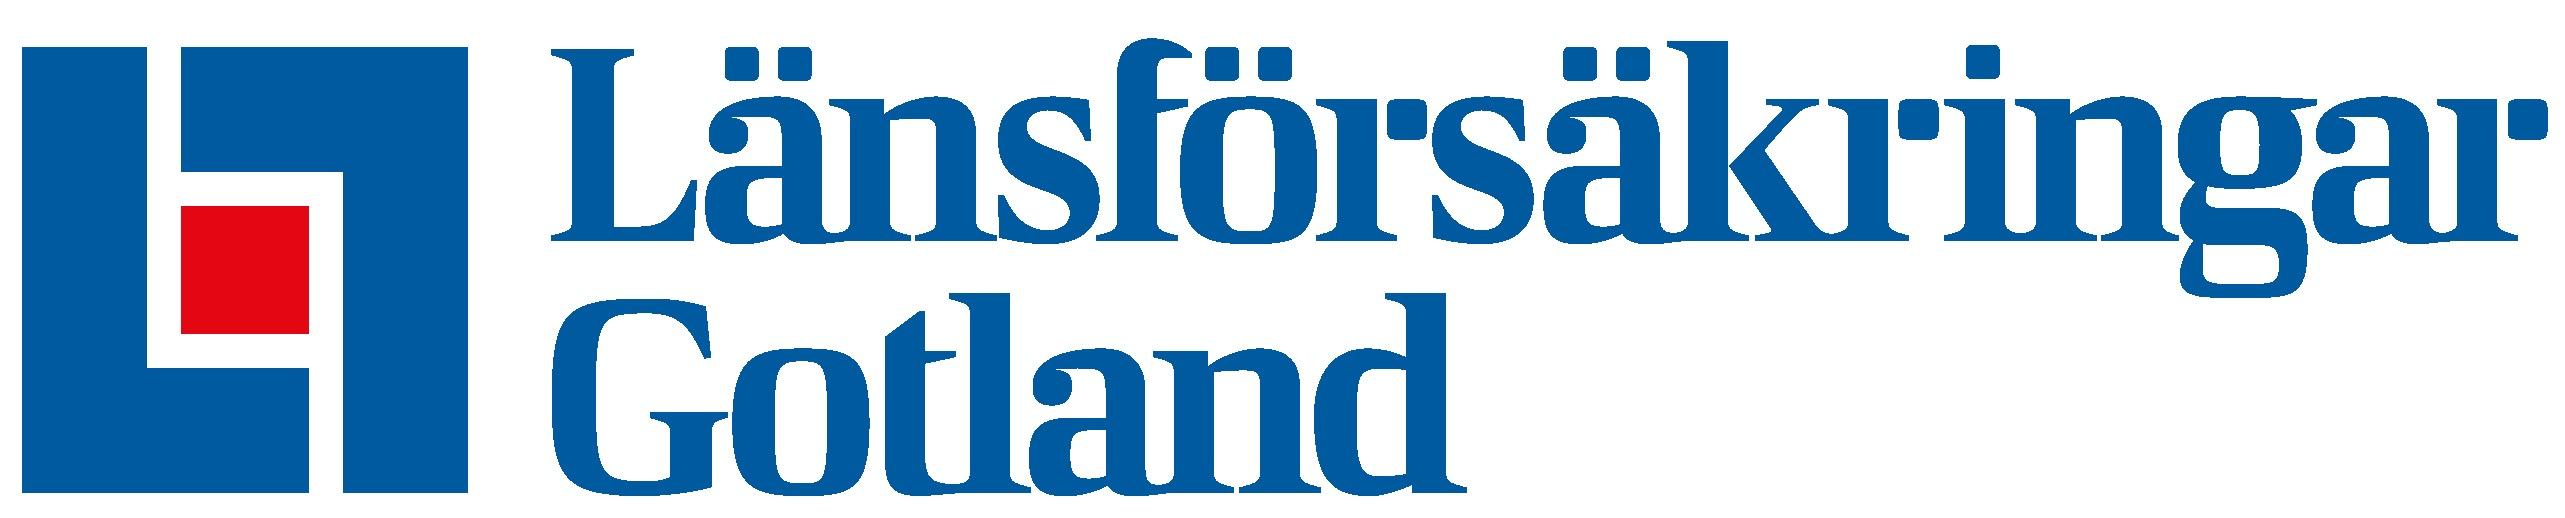 Länsförsäkringar Gotland logotyp